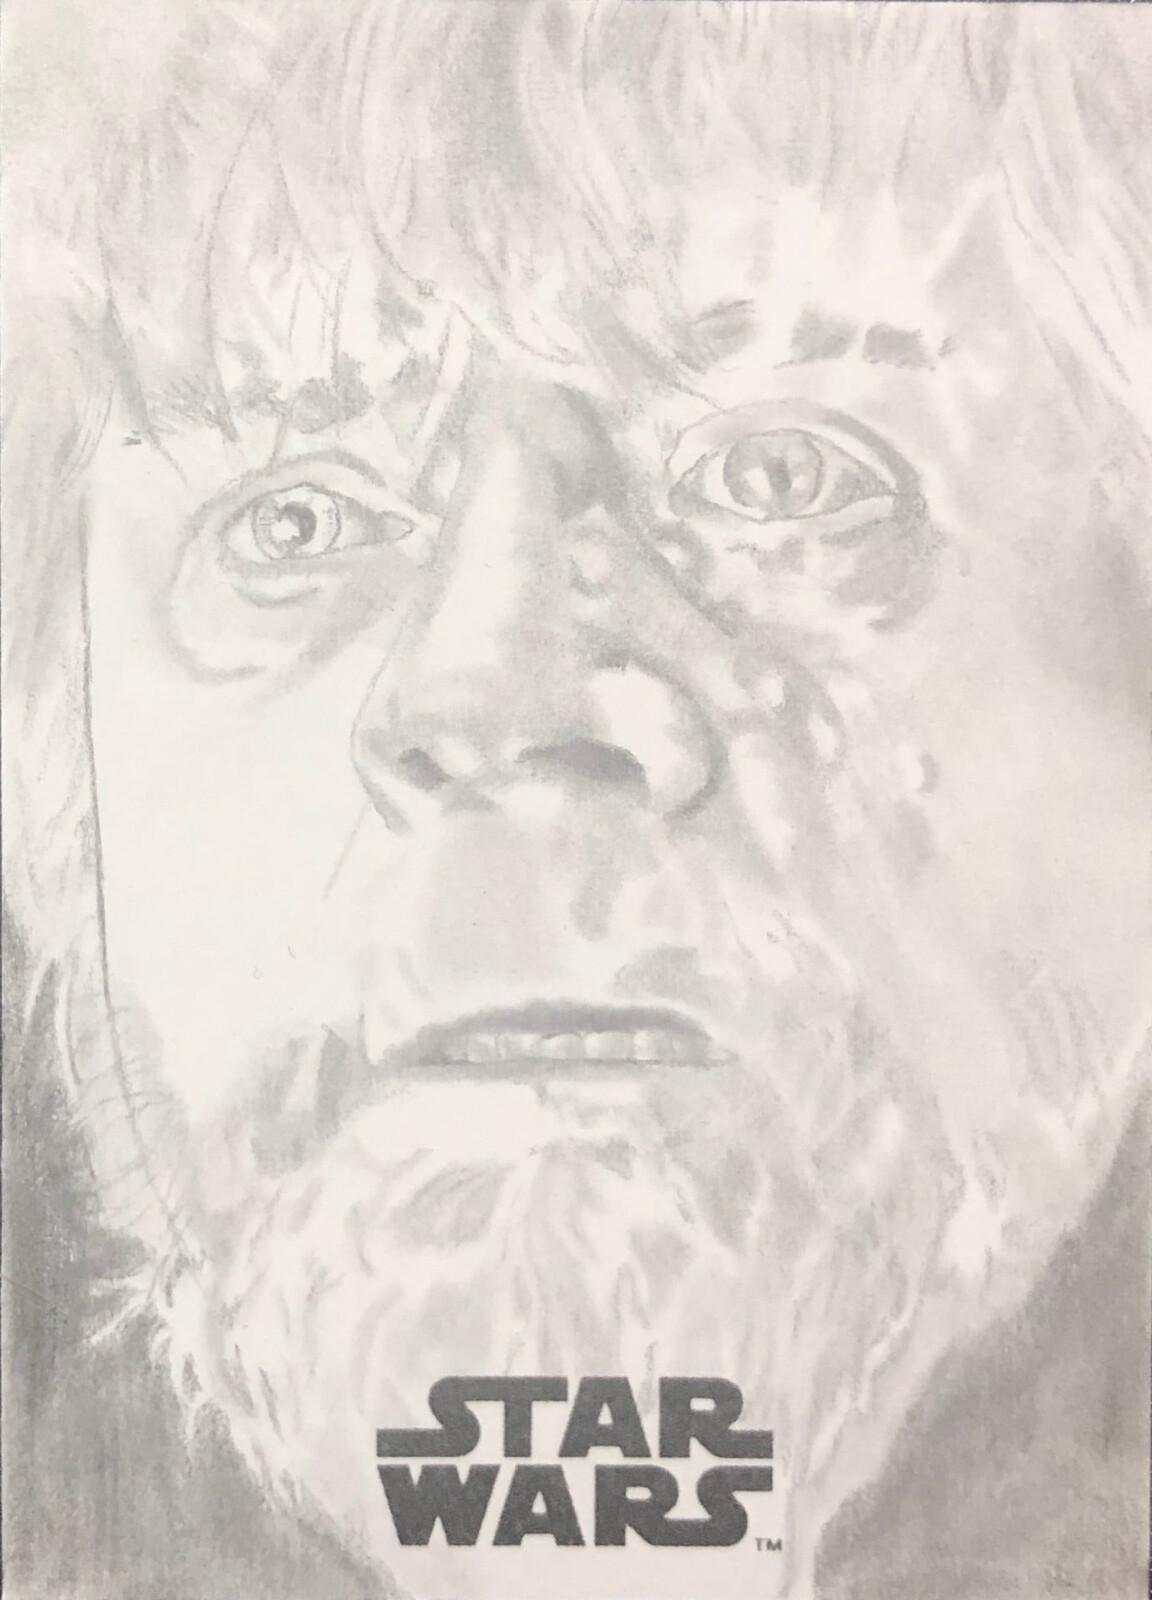 Luke Skywalker from The Last Jedi